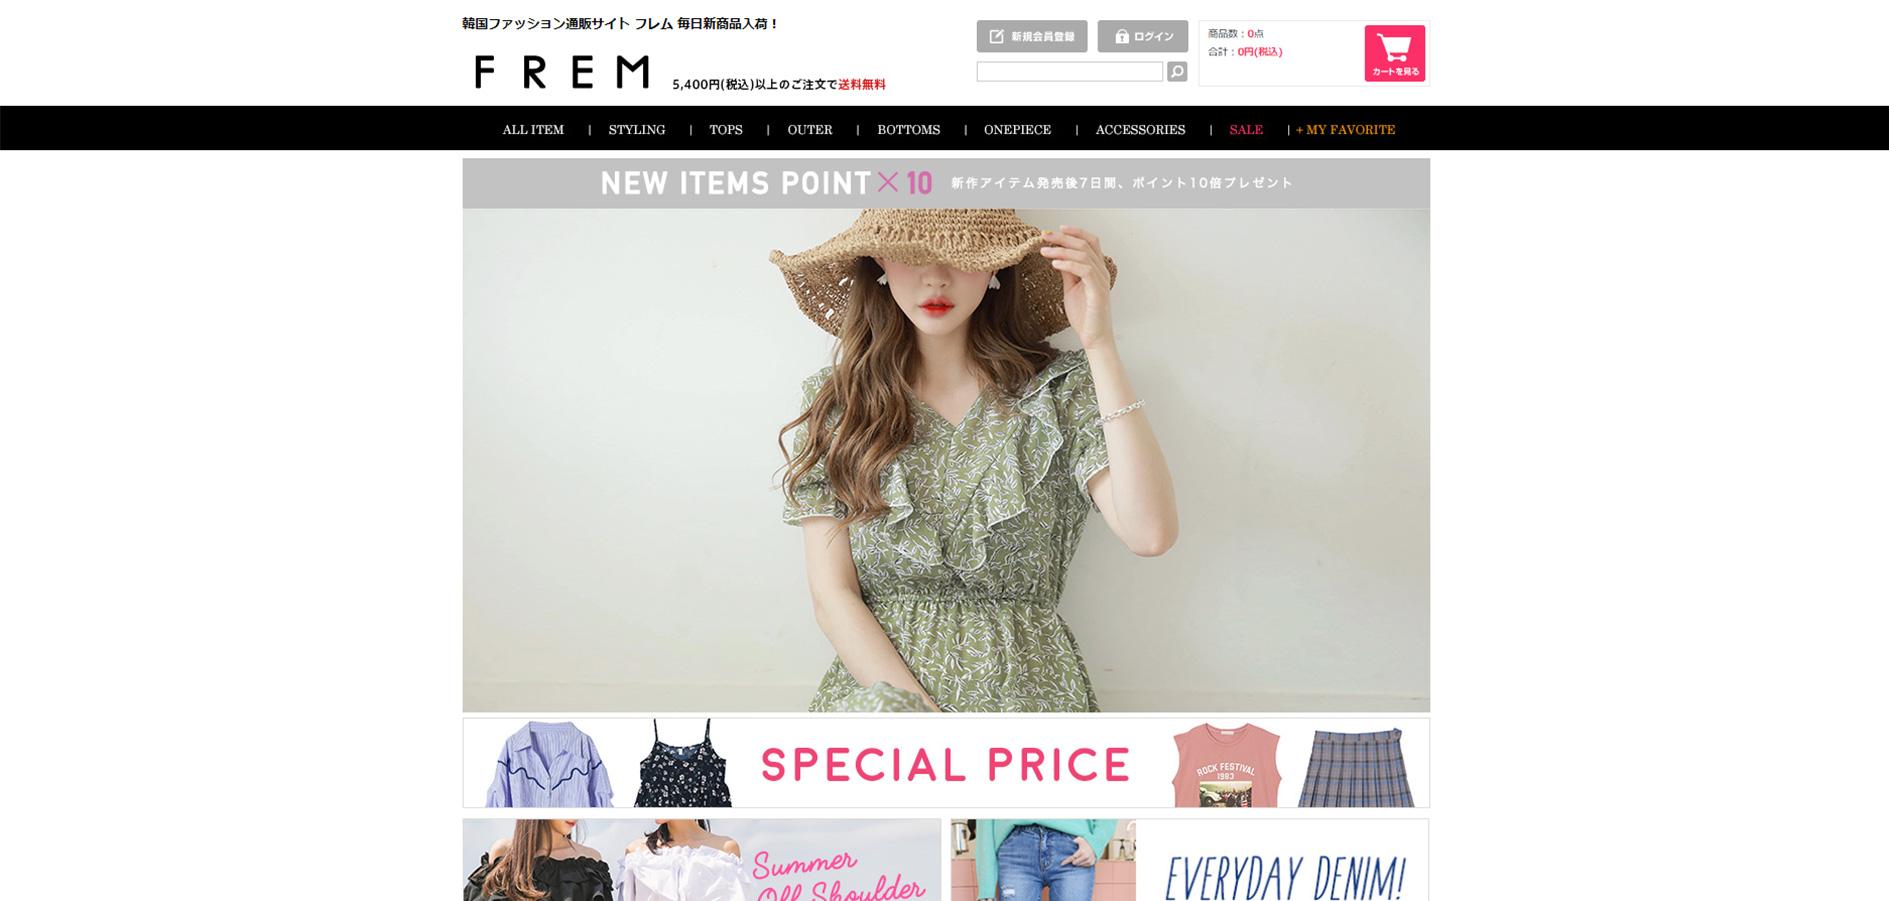 30代におすすめな韓国ファッション通販サイトのfrem(フレム)